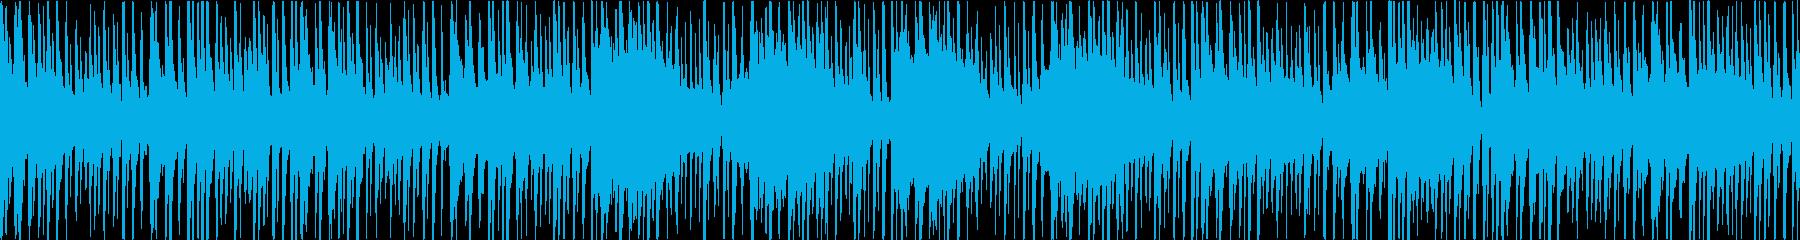 三味線等の和楽器を使ったアッパー和風曲の再生済みの波形